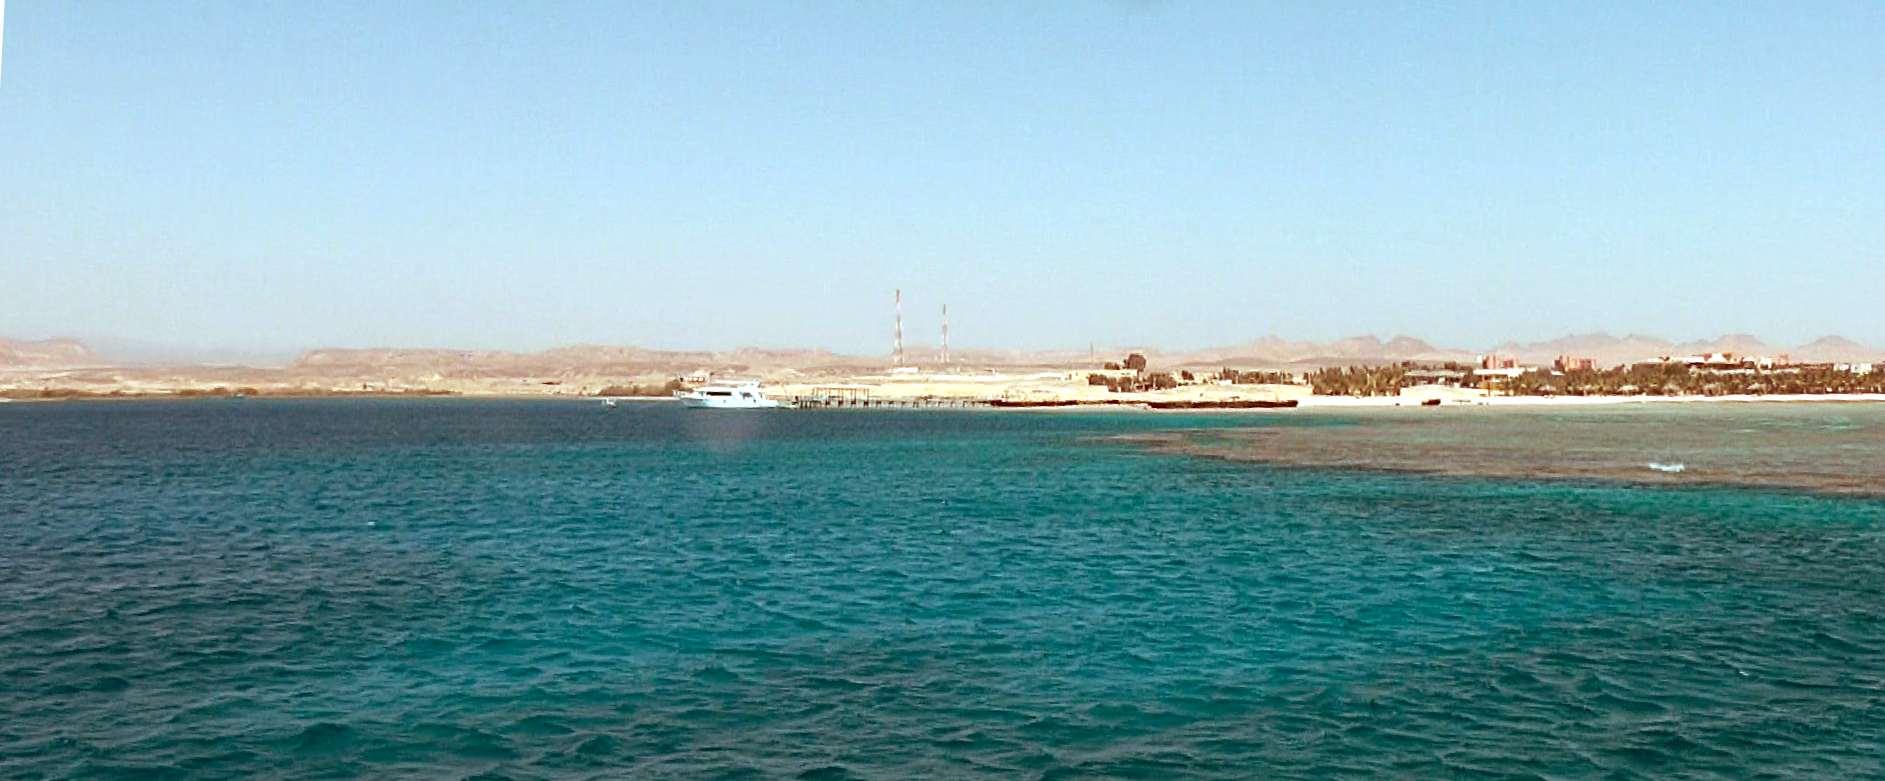 Бухта Мангров Бэй - вид с корабля